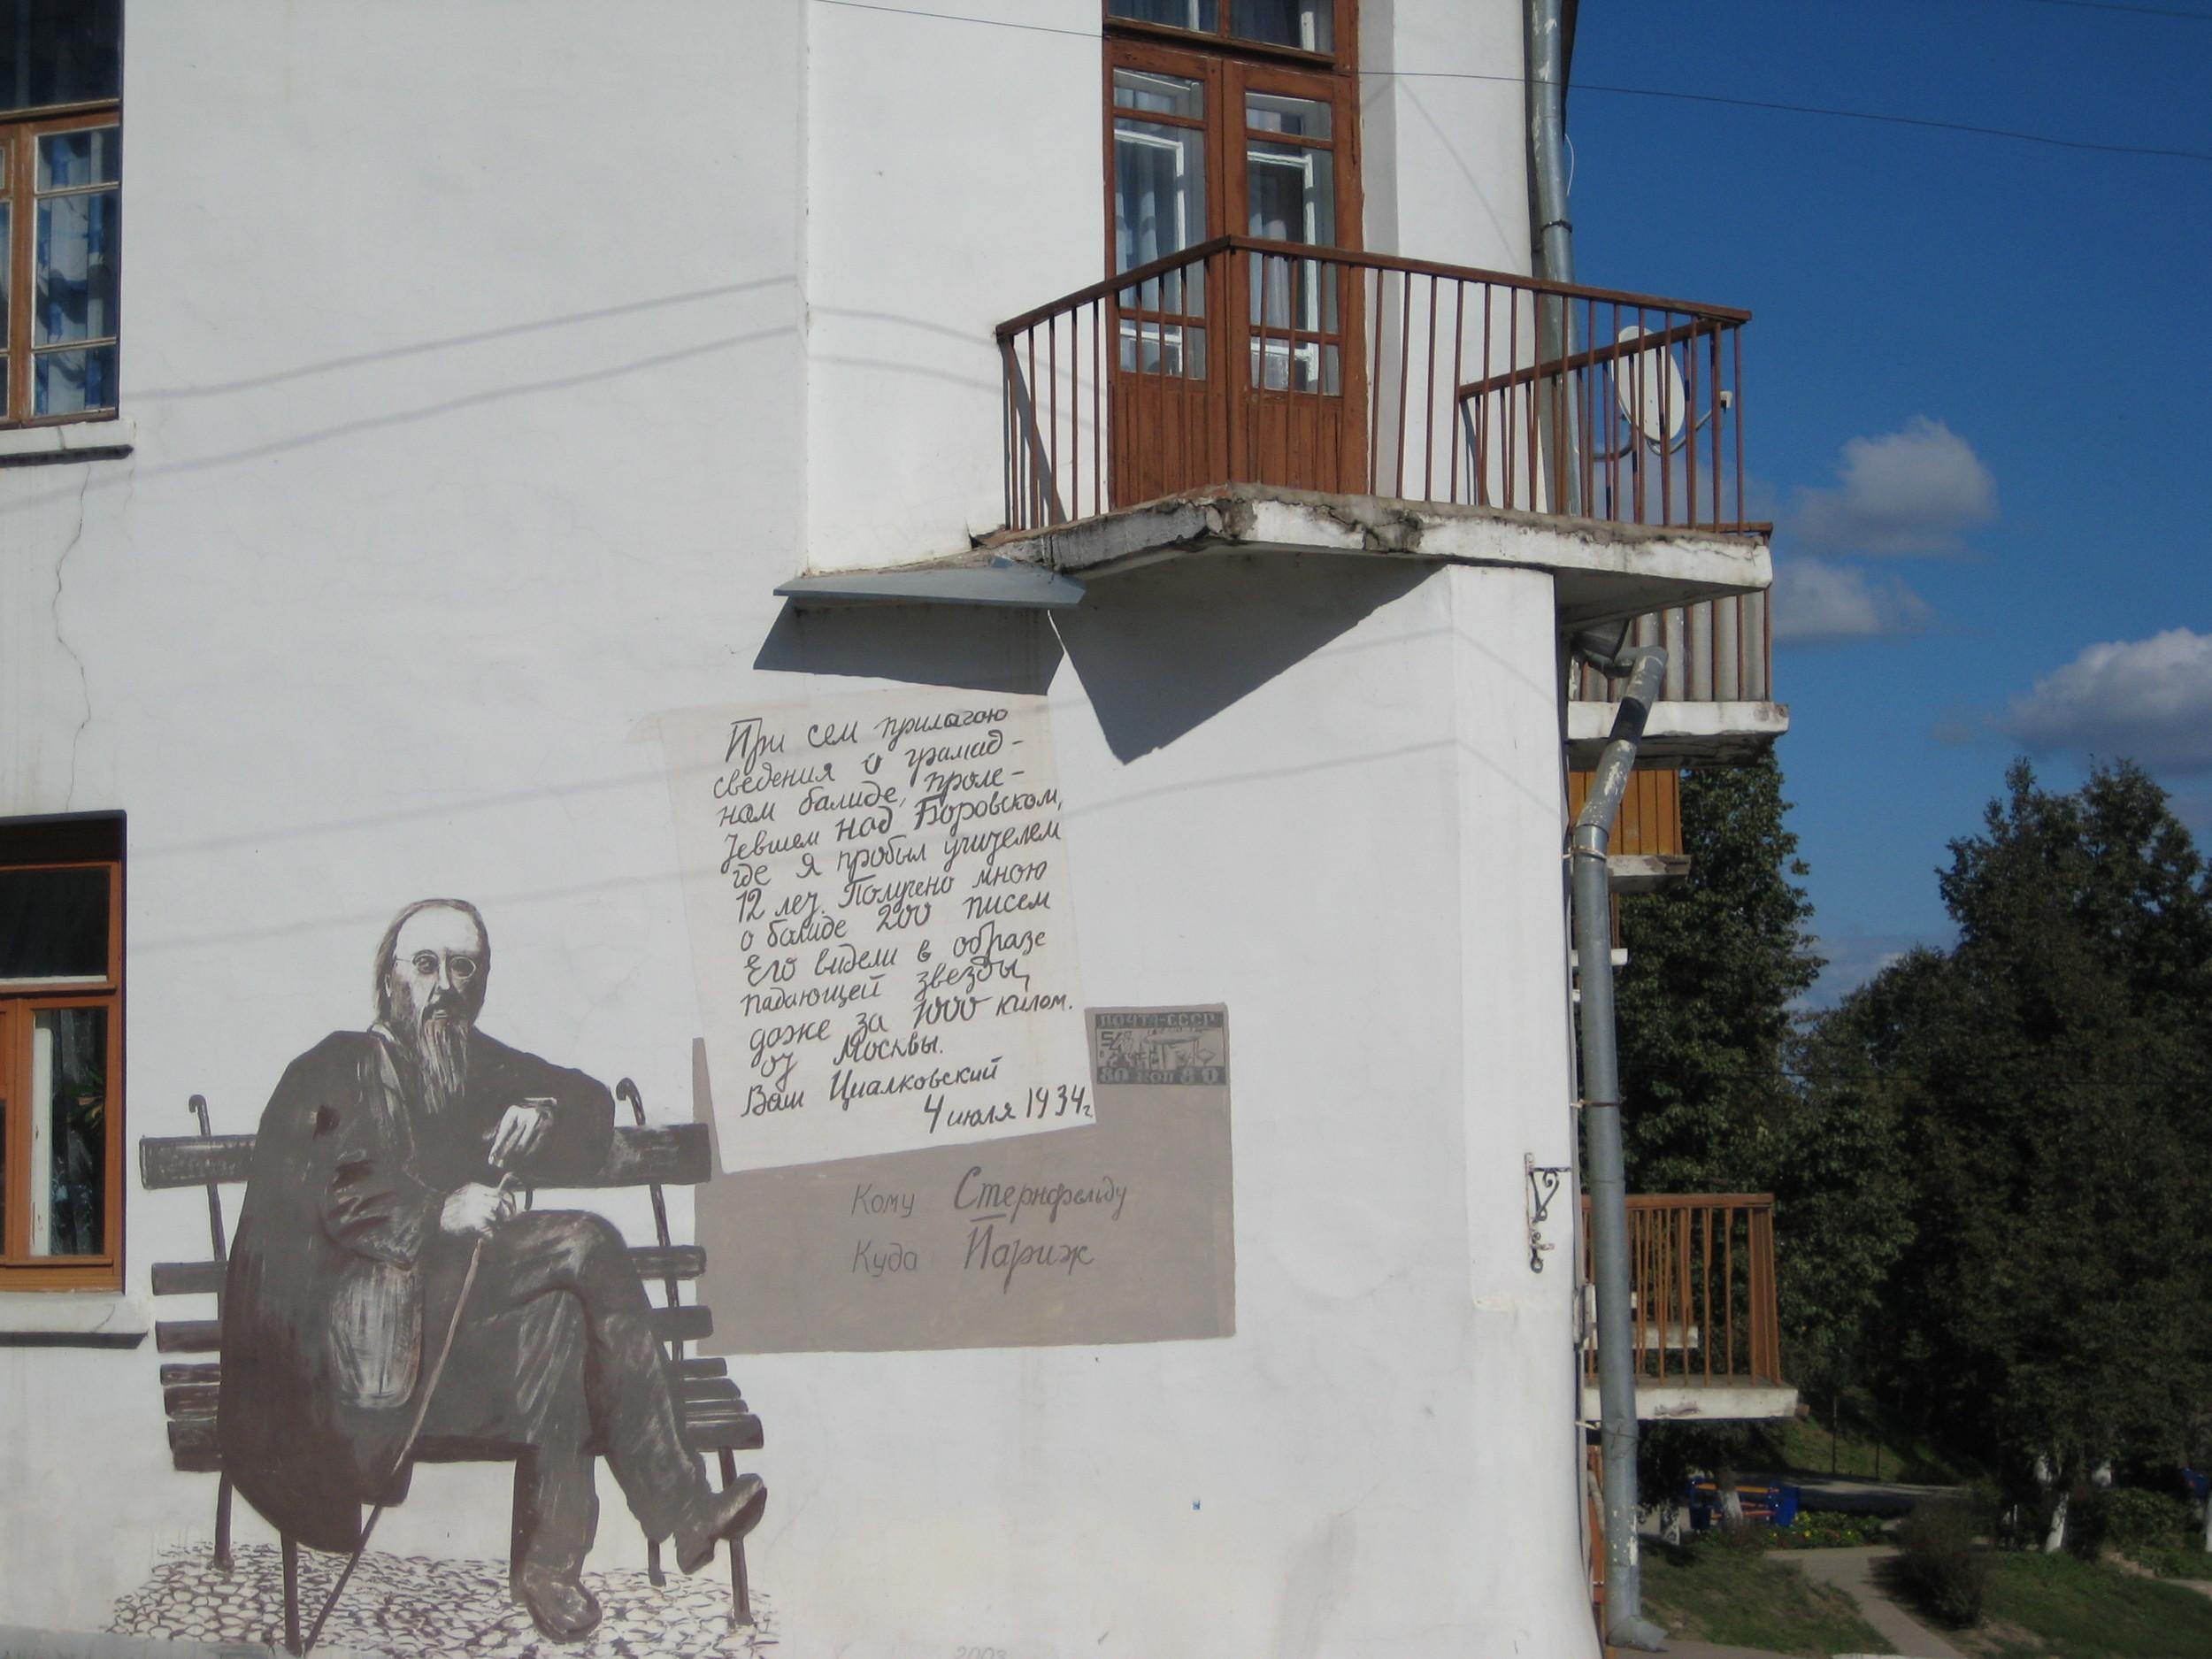 tsiolkovsky-mural-in-borovsk